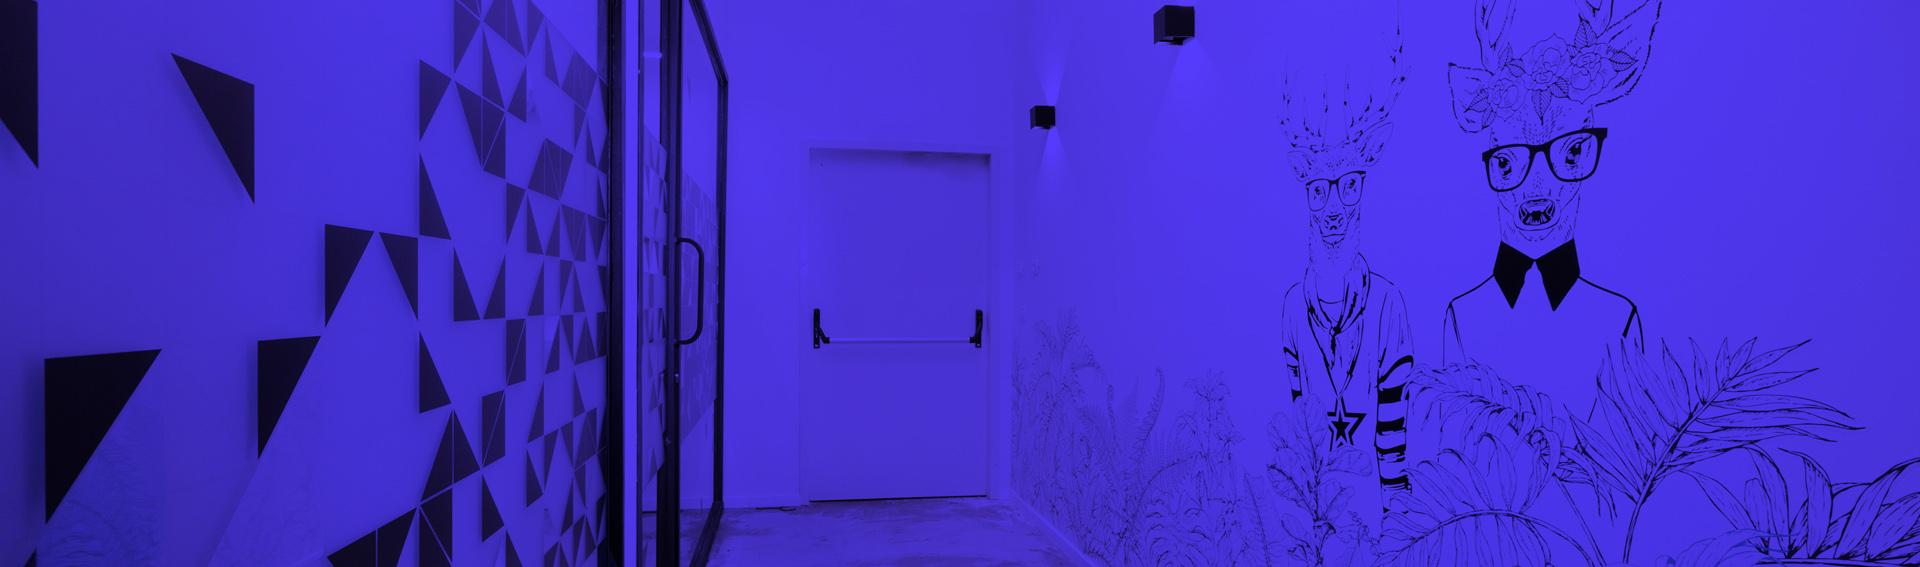 עיצוב משרדים | מיתוג גרפי | עיצוב גרפי במרחב | מיתוג משרדים | עיצוב חללי עבודה | עיצוב קירות